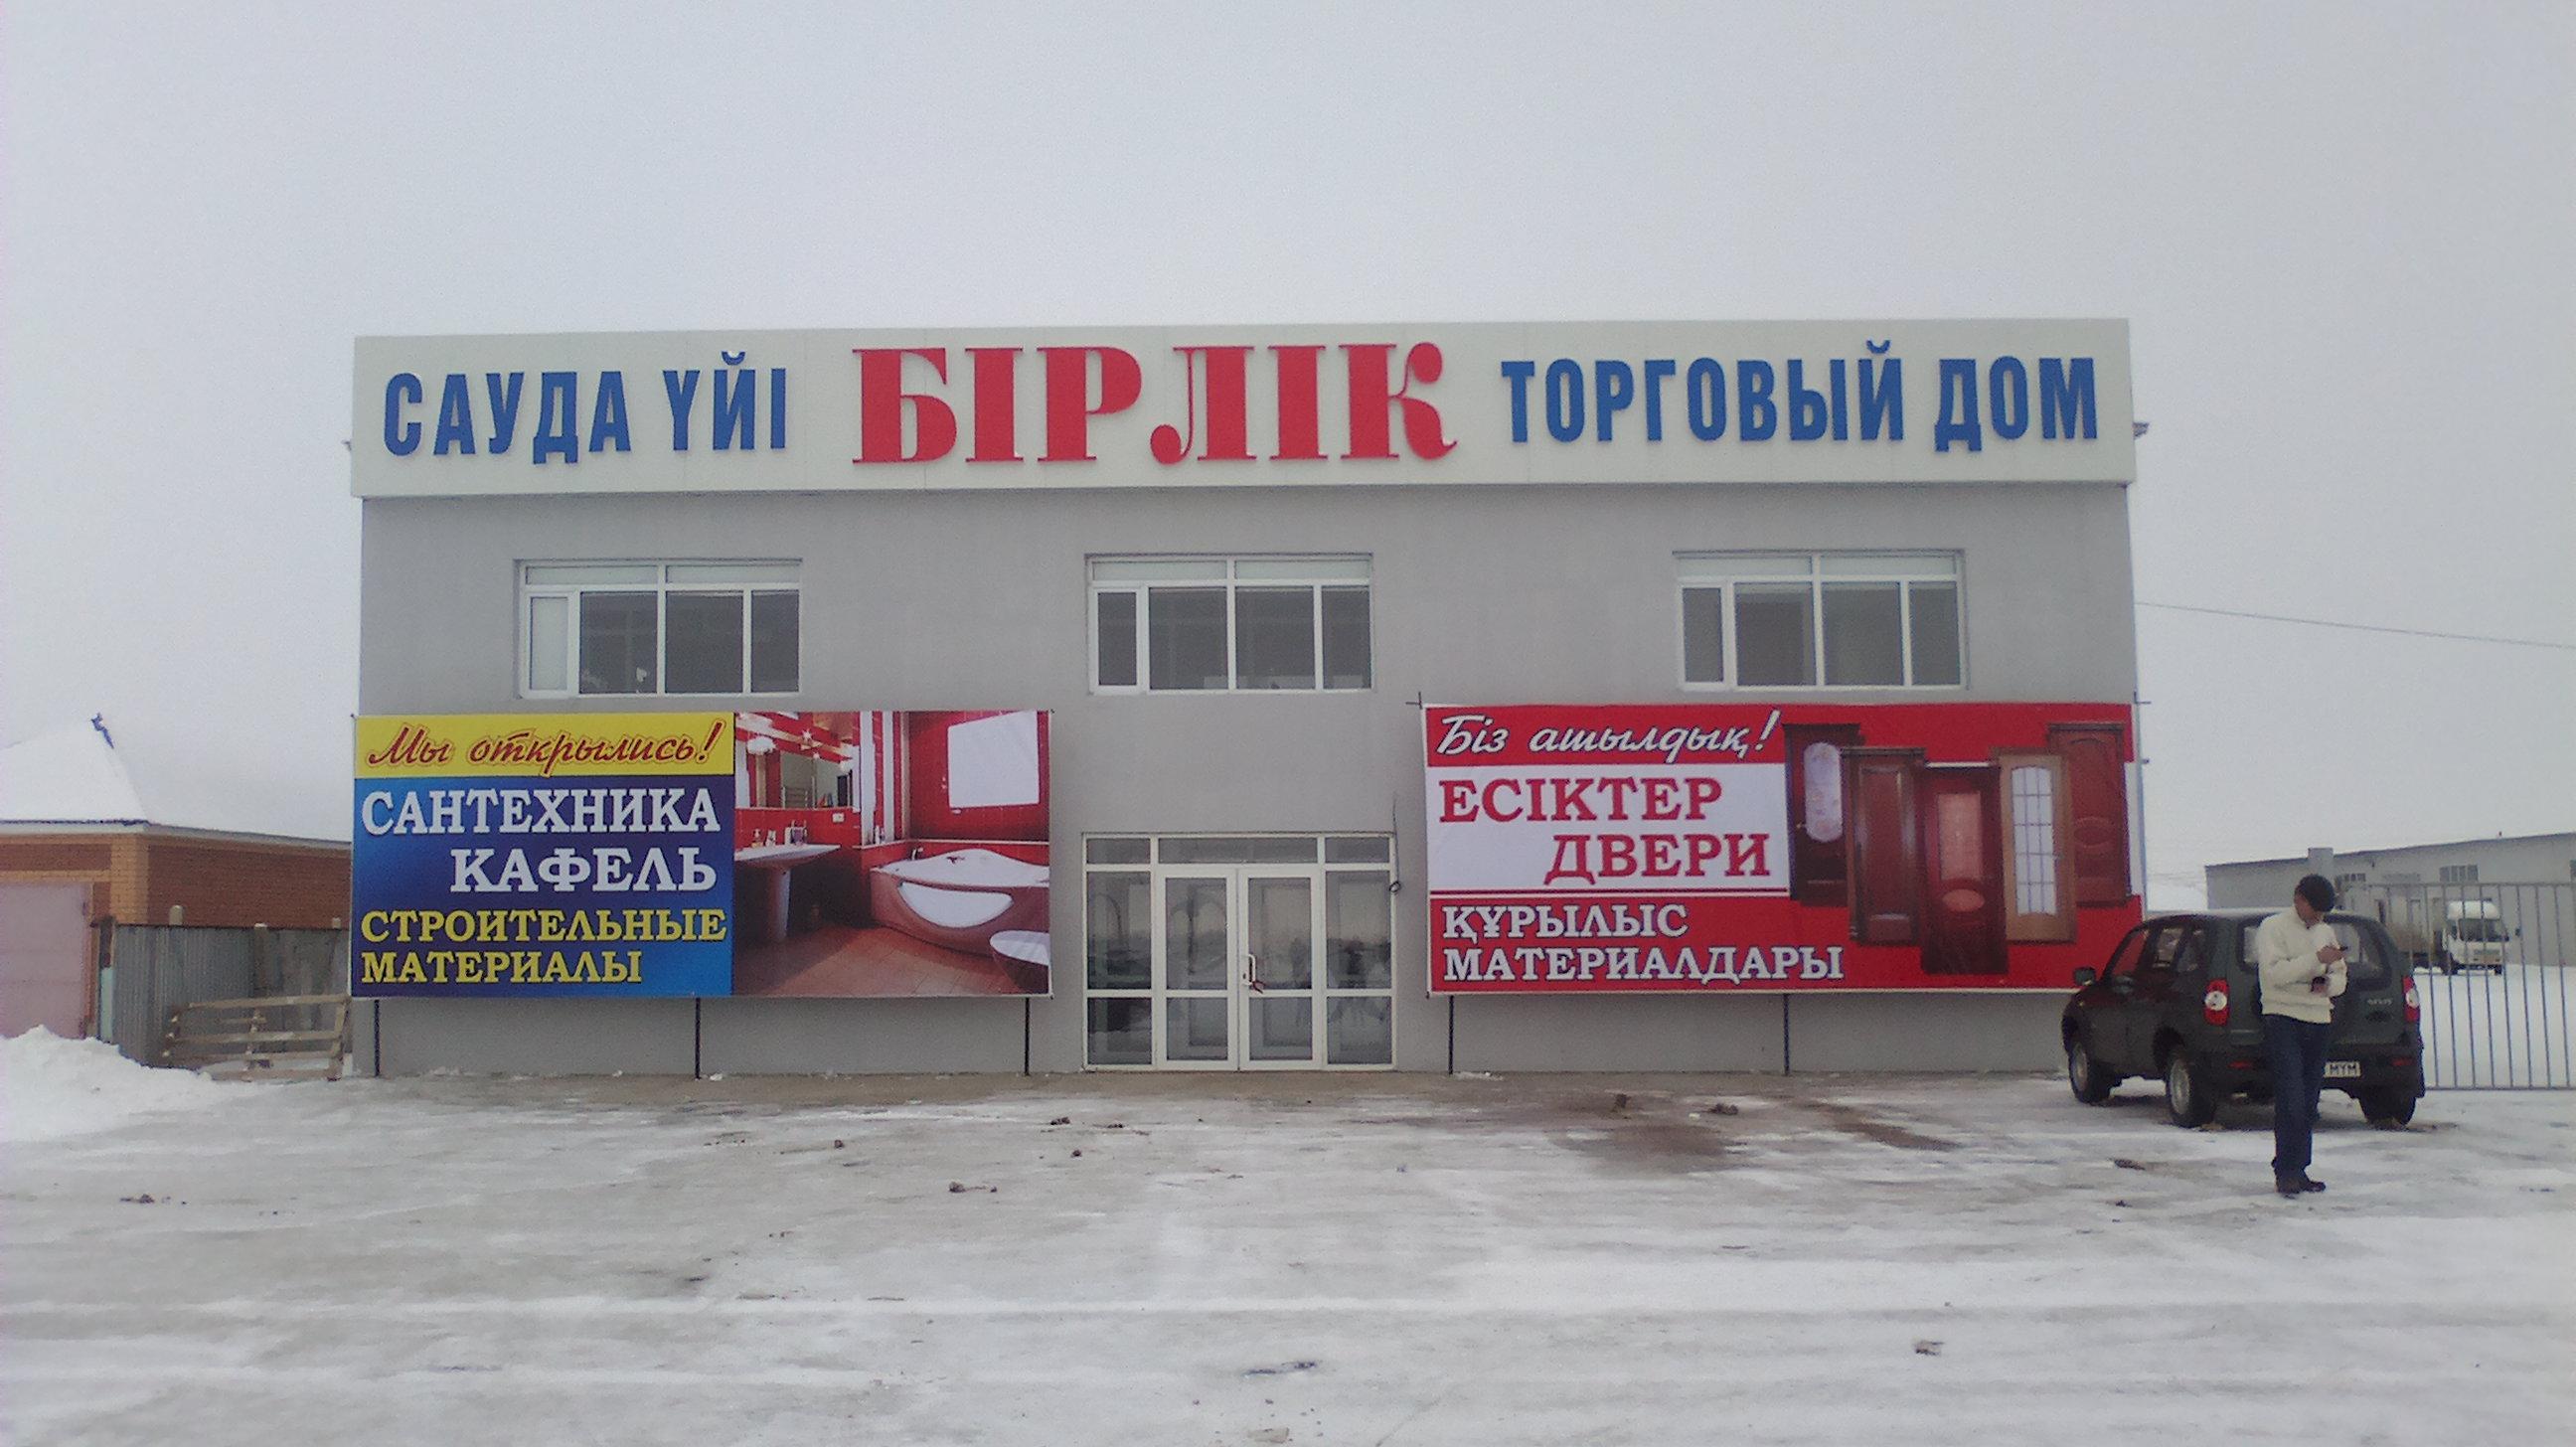 ТД БIРЛIК